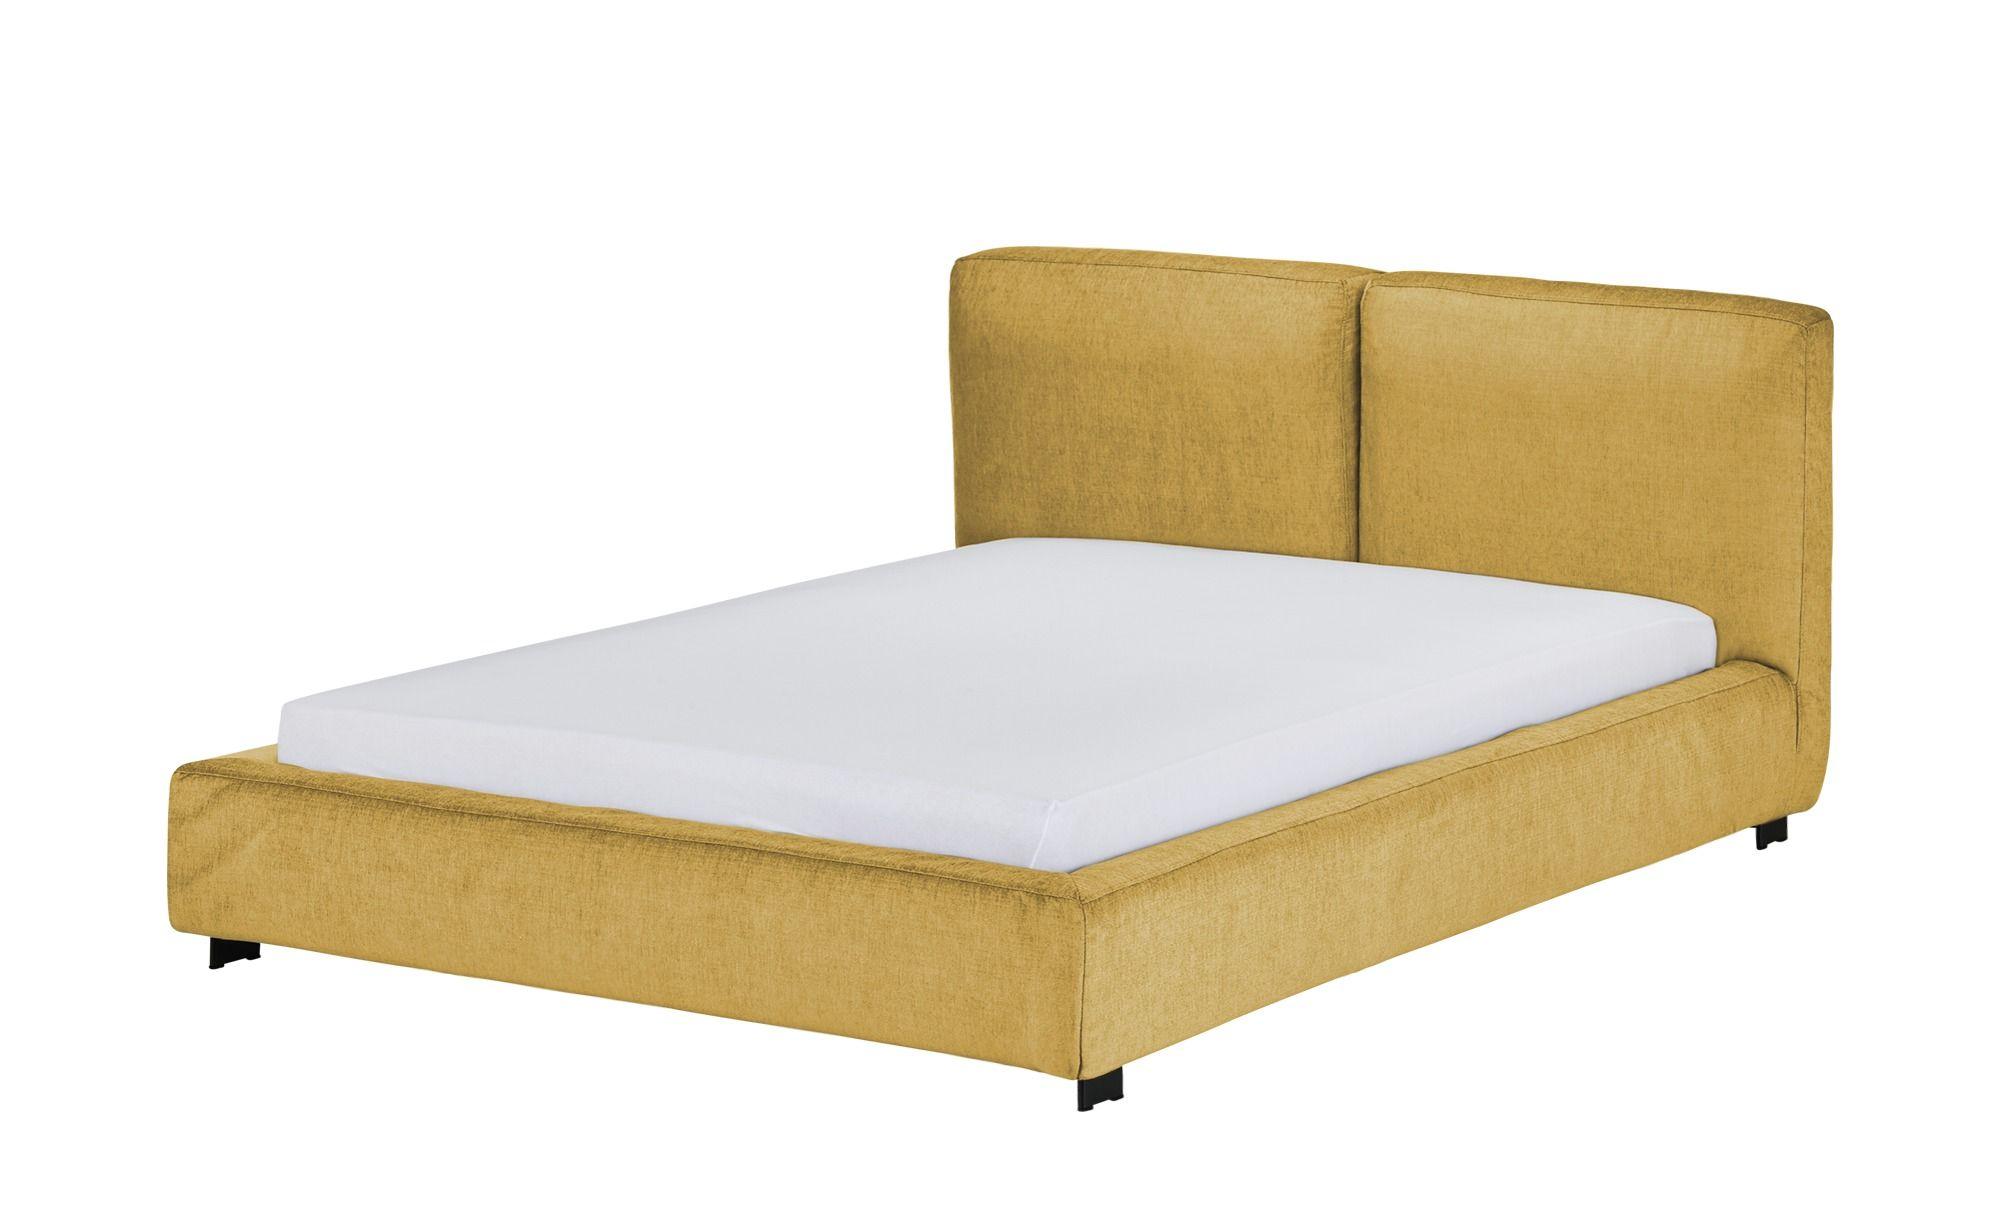 Bett 200x200 Holz 160x200 Bettgestell Bett Bettkasten